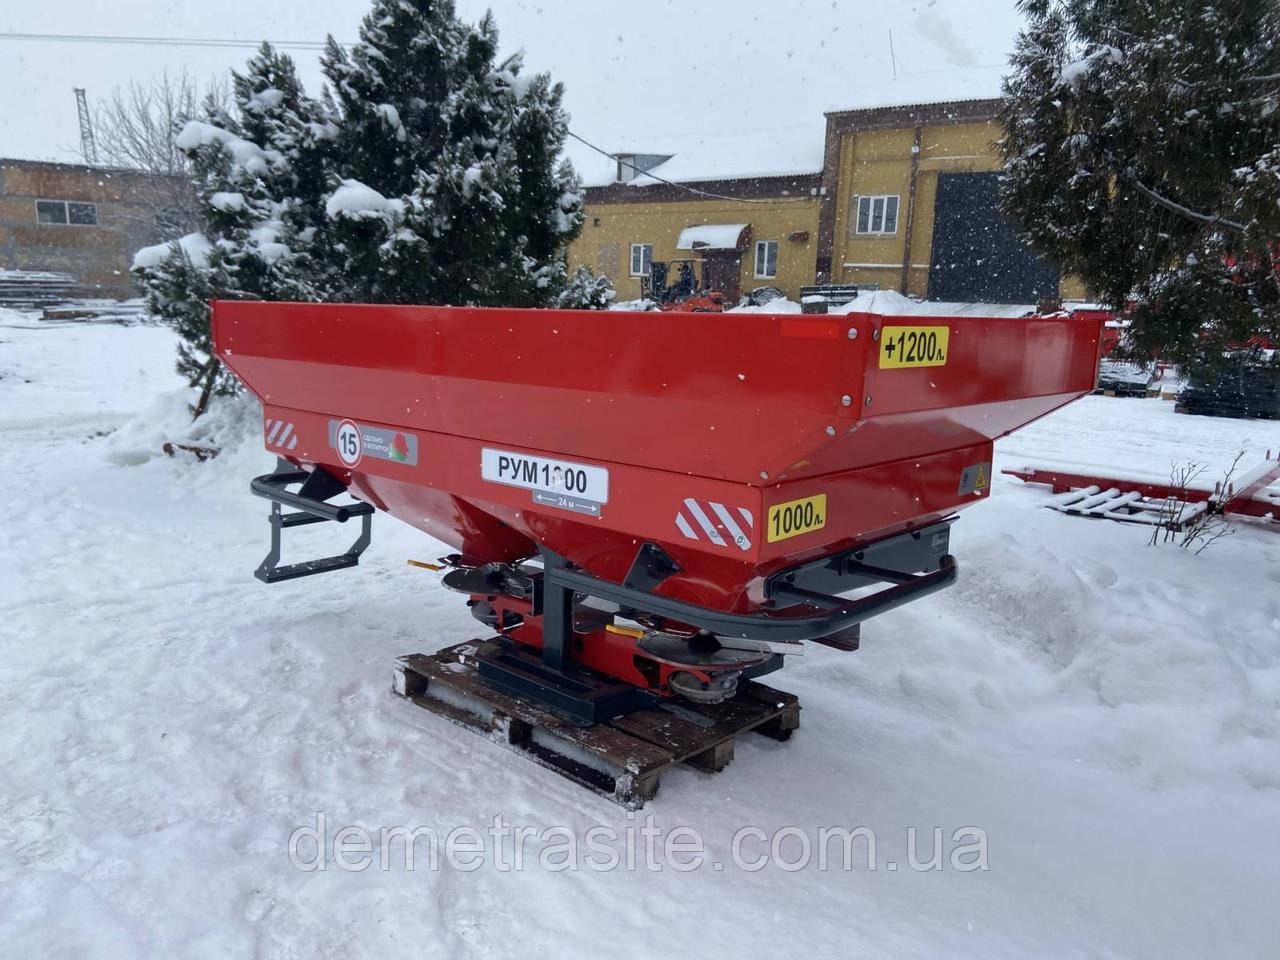 РУМ 2200, Розкидач мінеральних добрив РУМ 2200 «D-Pol».